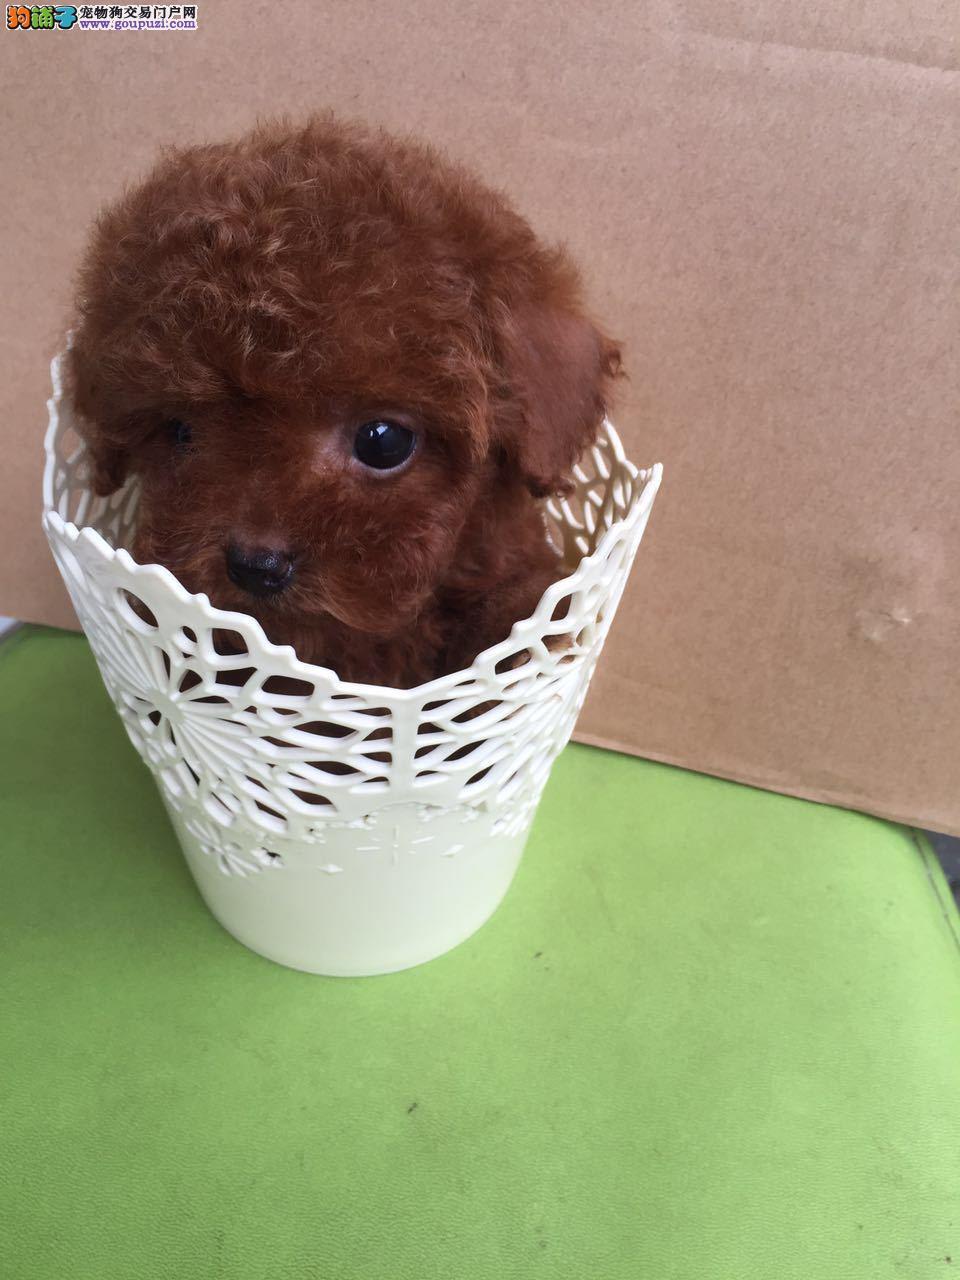 茶杯犬南京哪里有卖 南京哪里出售长不大狗狗袖珍价格